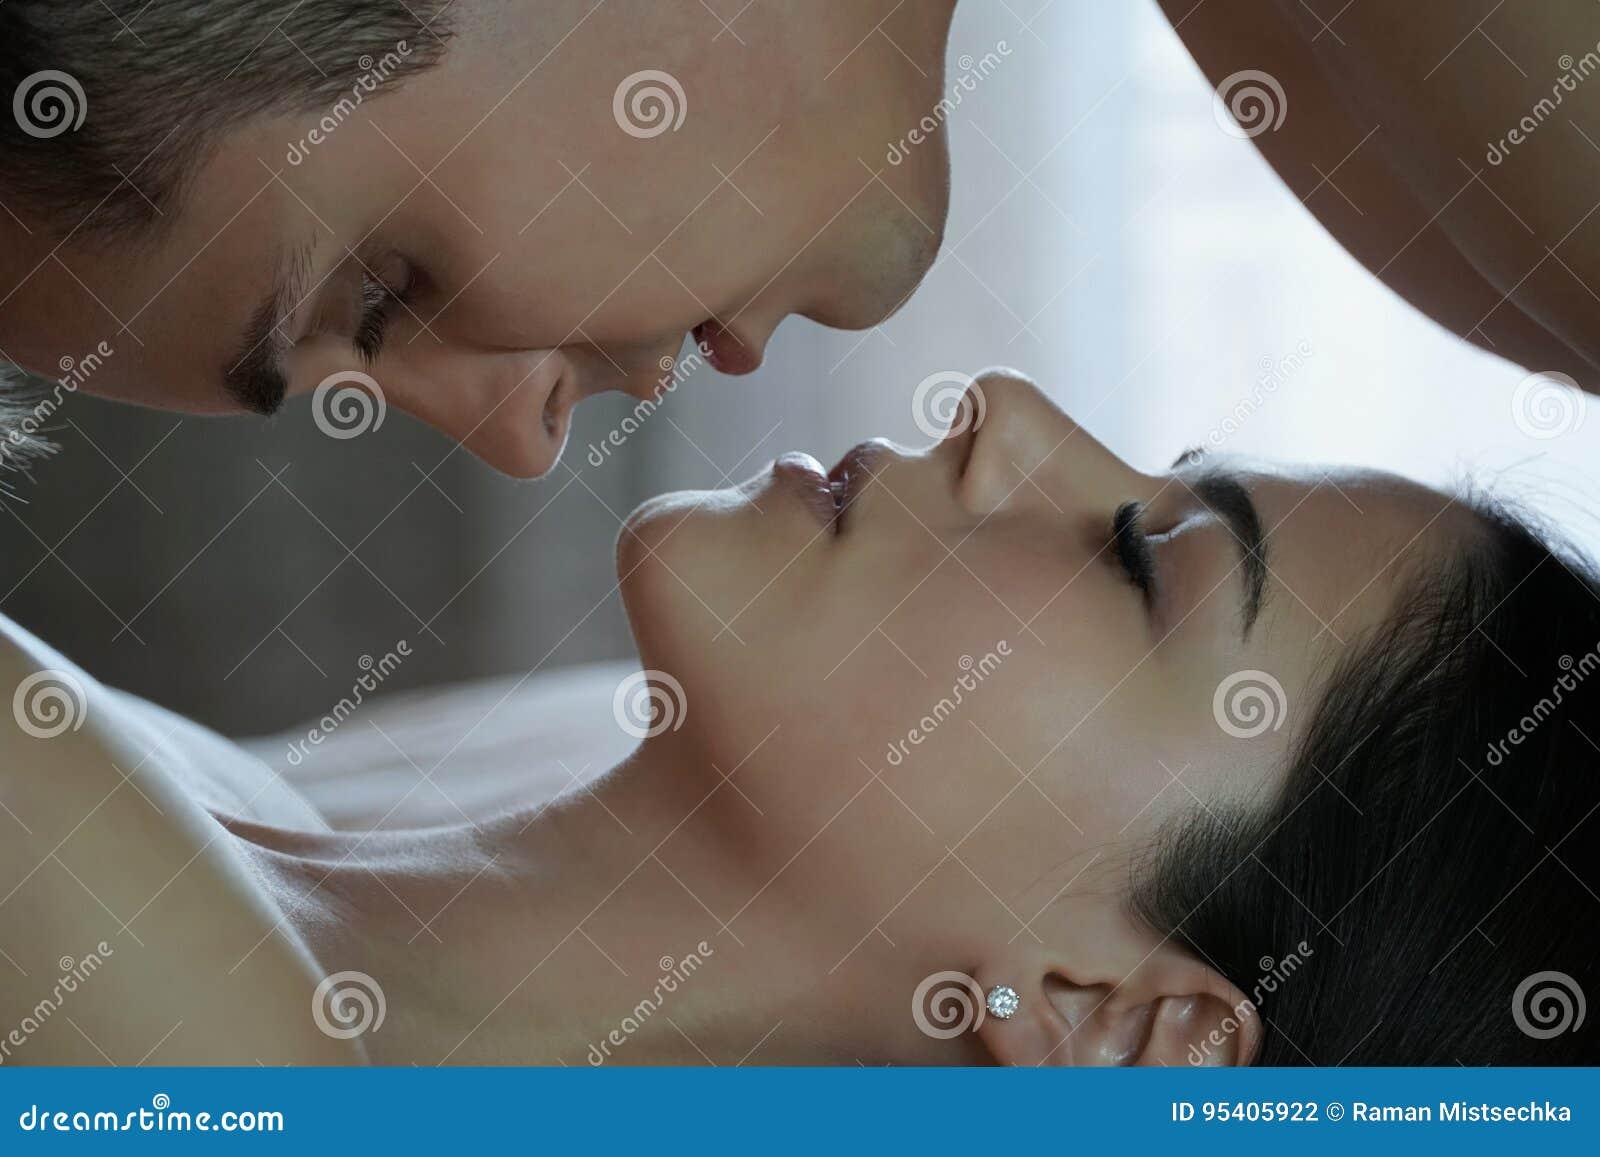 Mädchen sex bei Der Mann